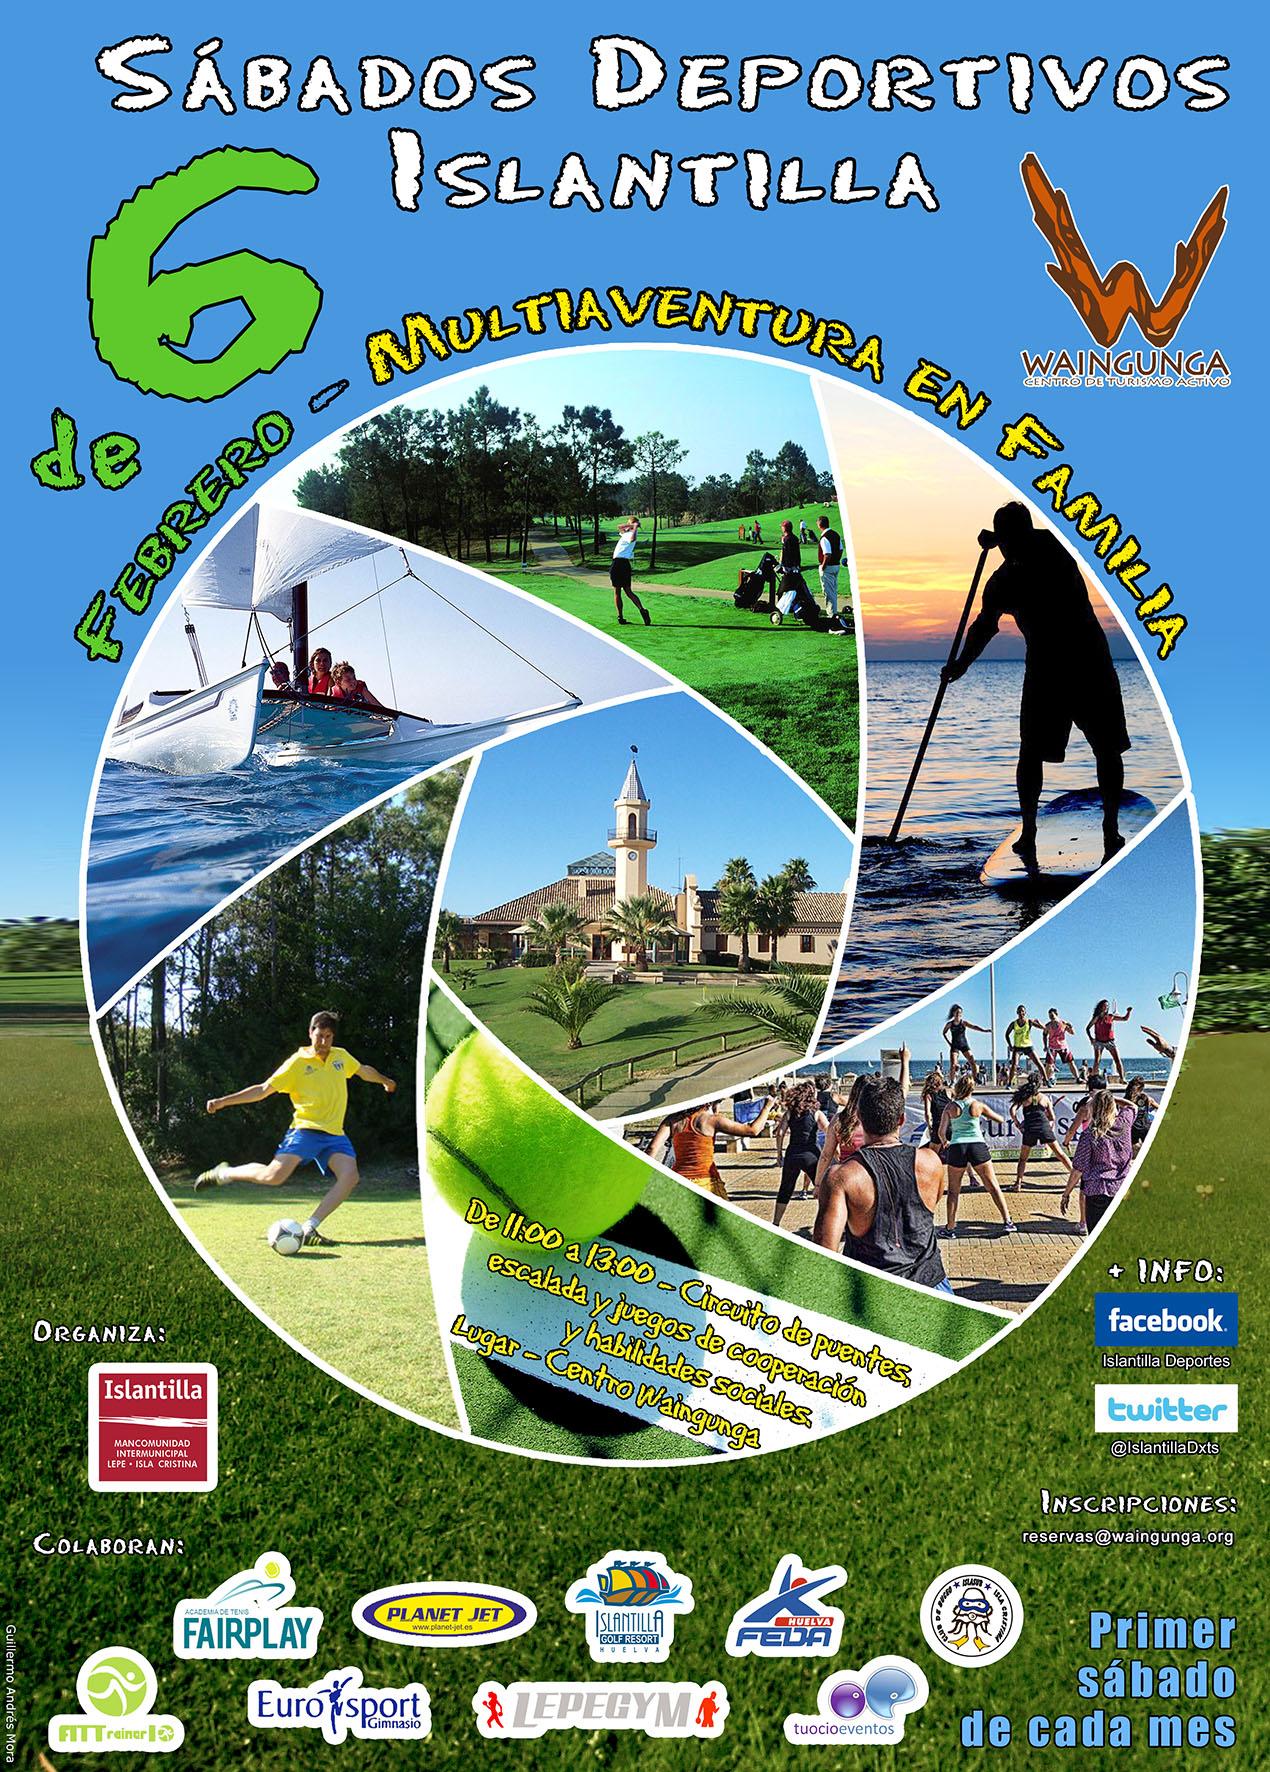 Islantilla organiza este fin de semana una jornada de multiaventura en familia dirigida por el Centro de Turismo Activo Waingunga dentro de su programa de Sábados Deportivos